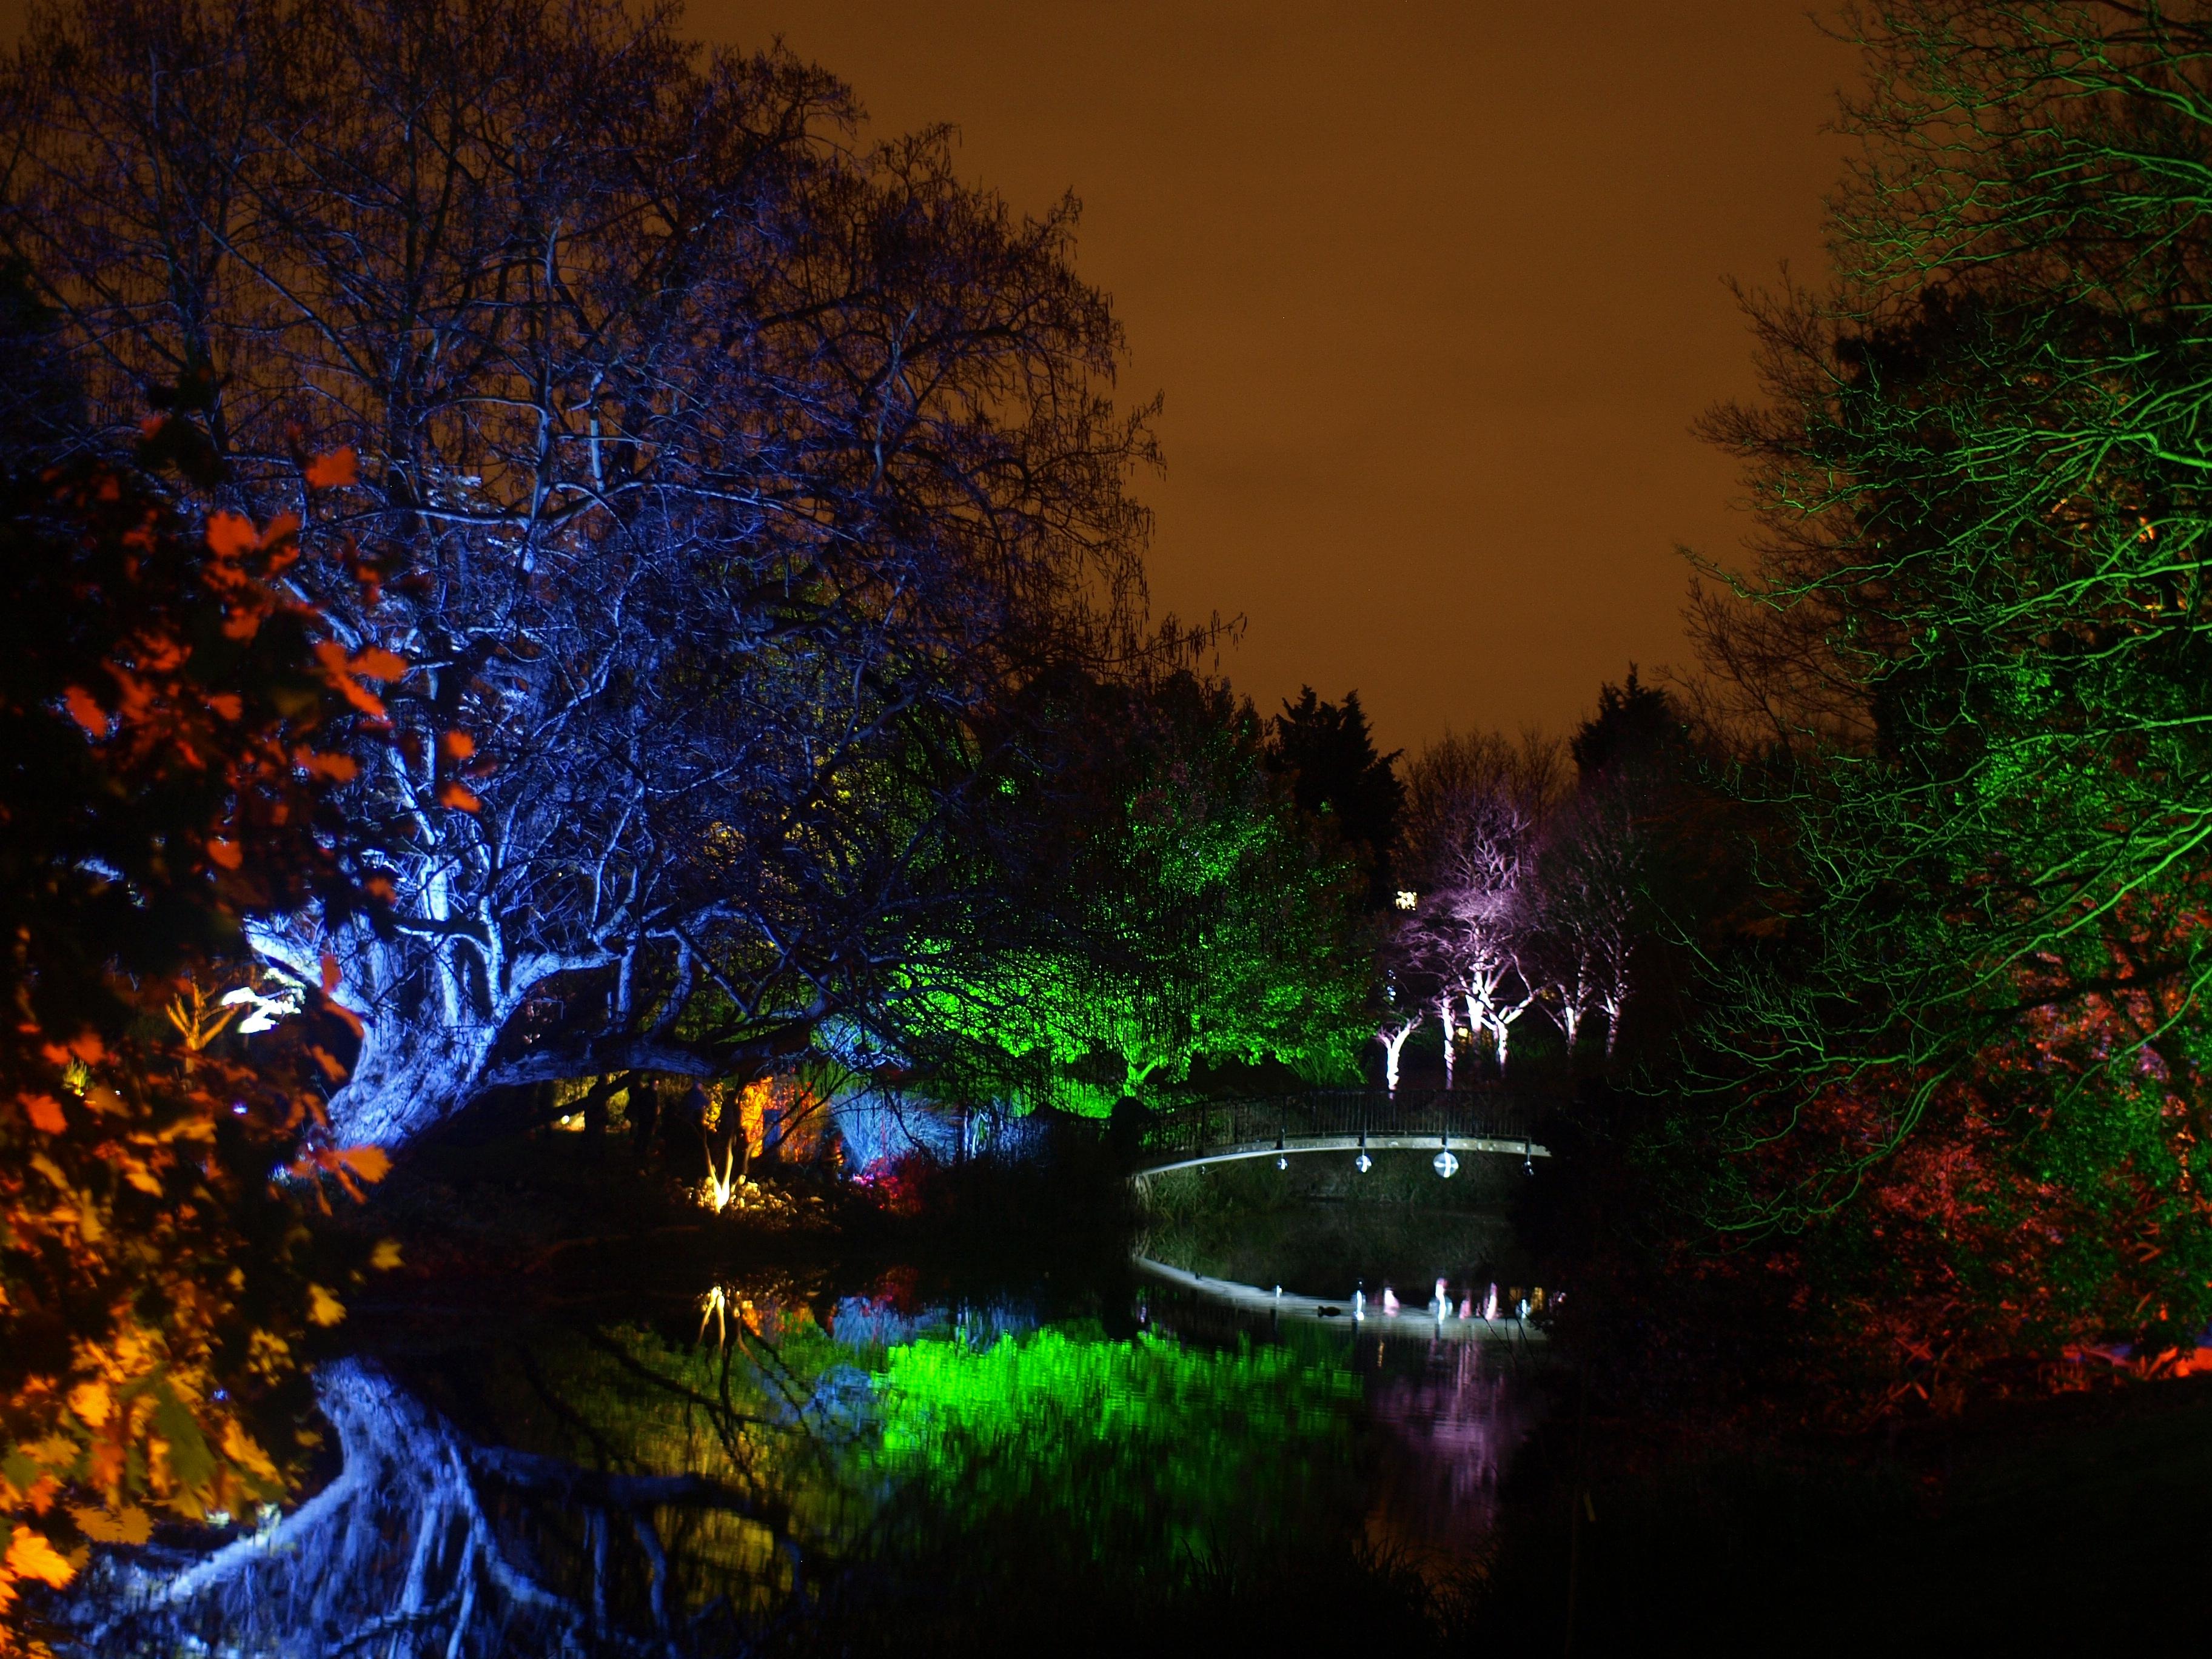 File:Syon Park Enchanted Woodland 3.jpg.